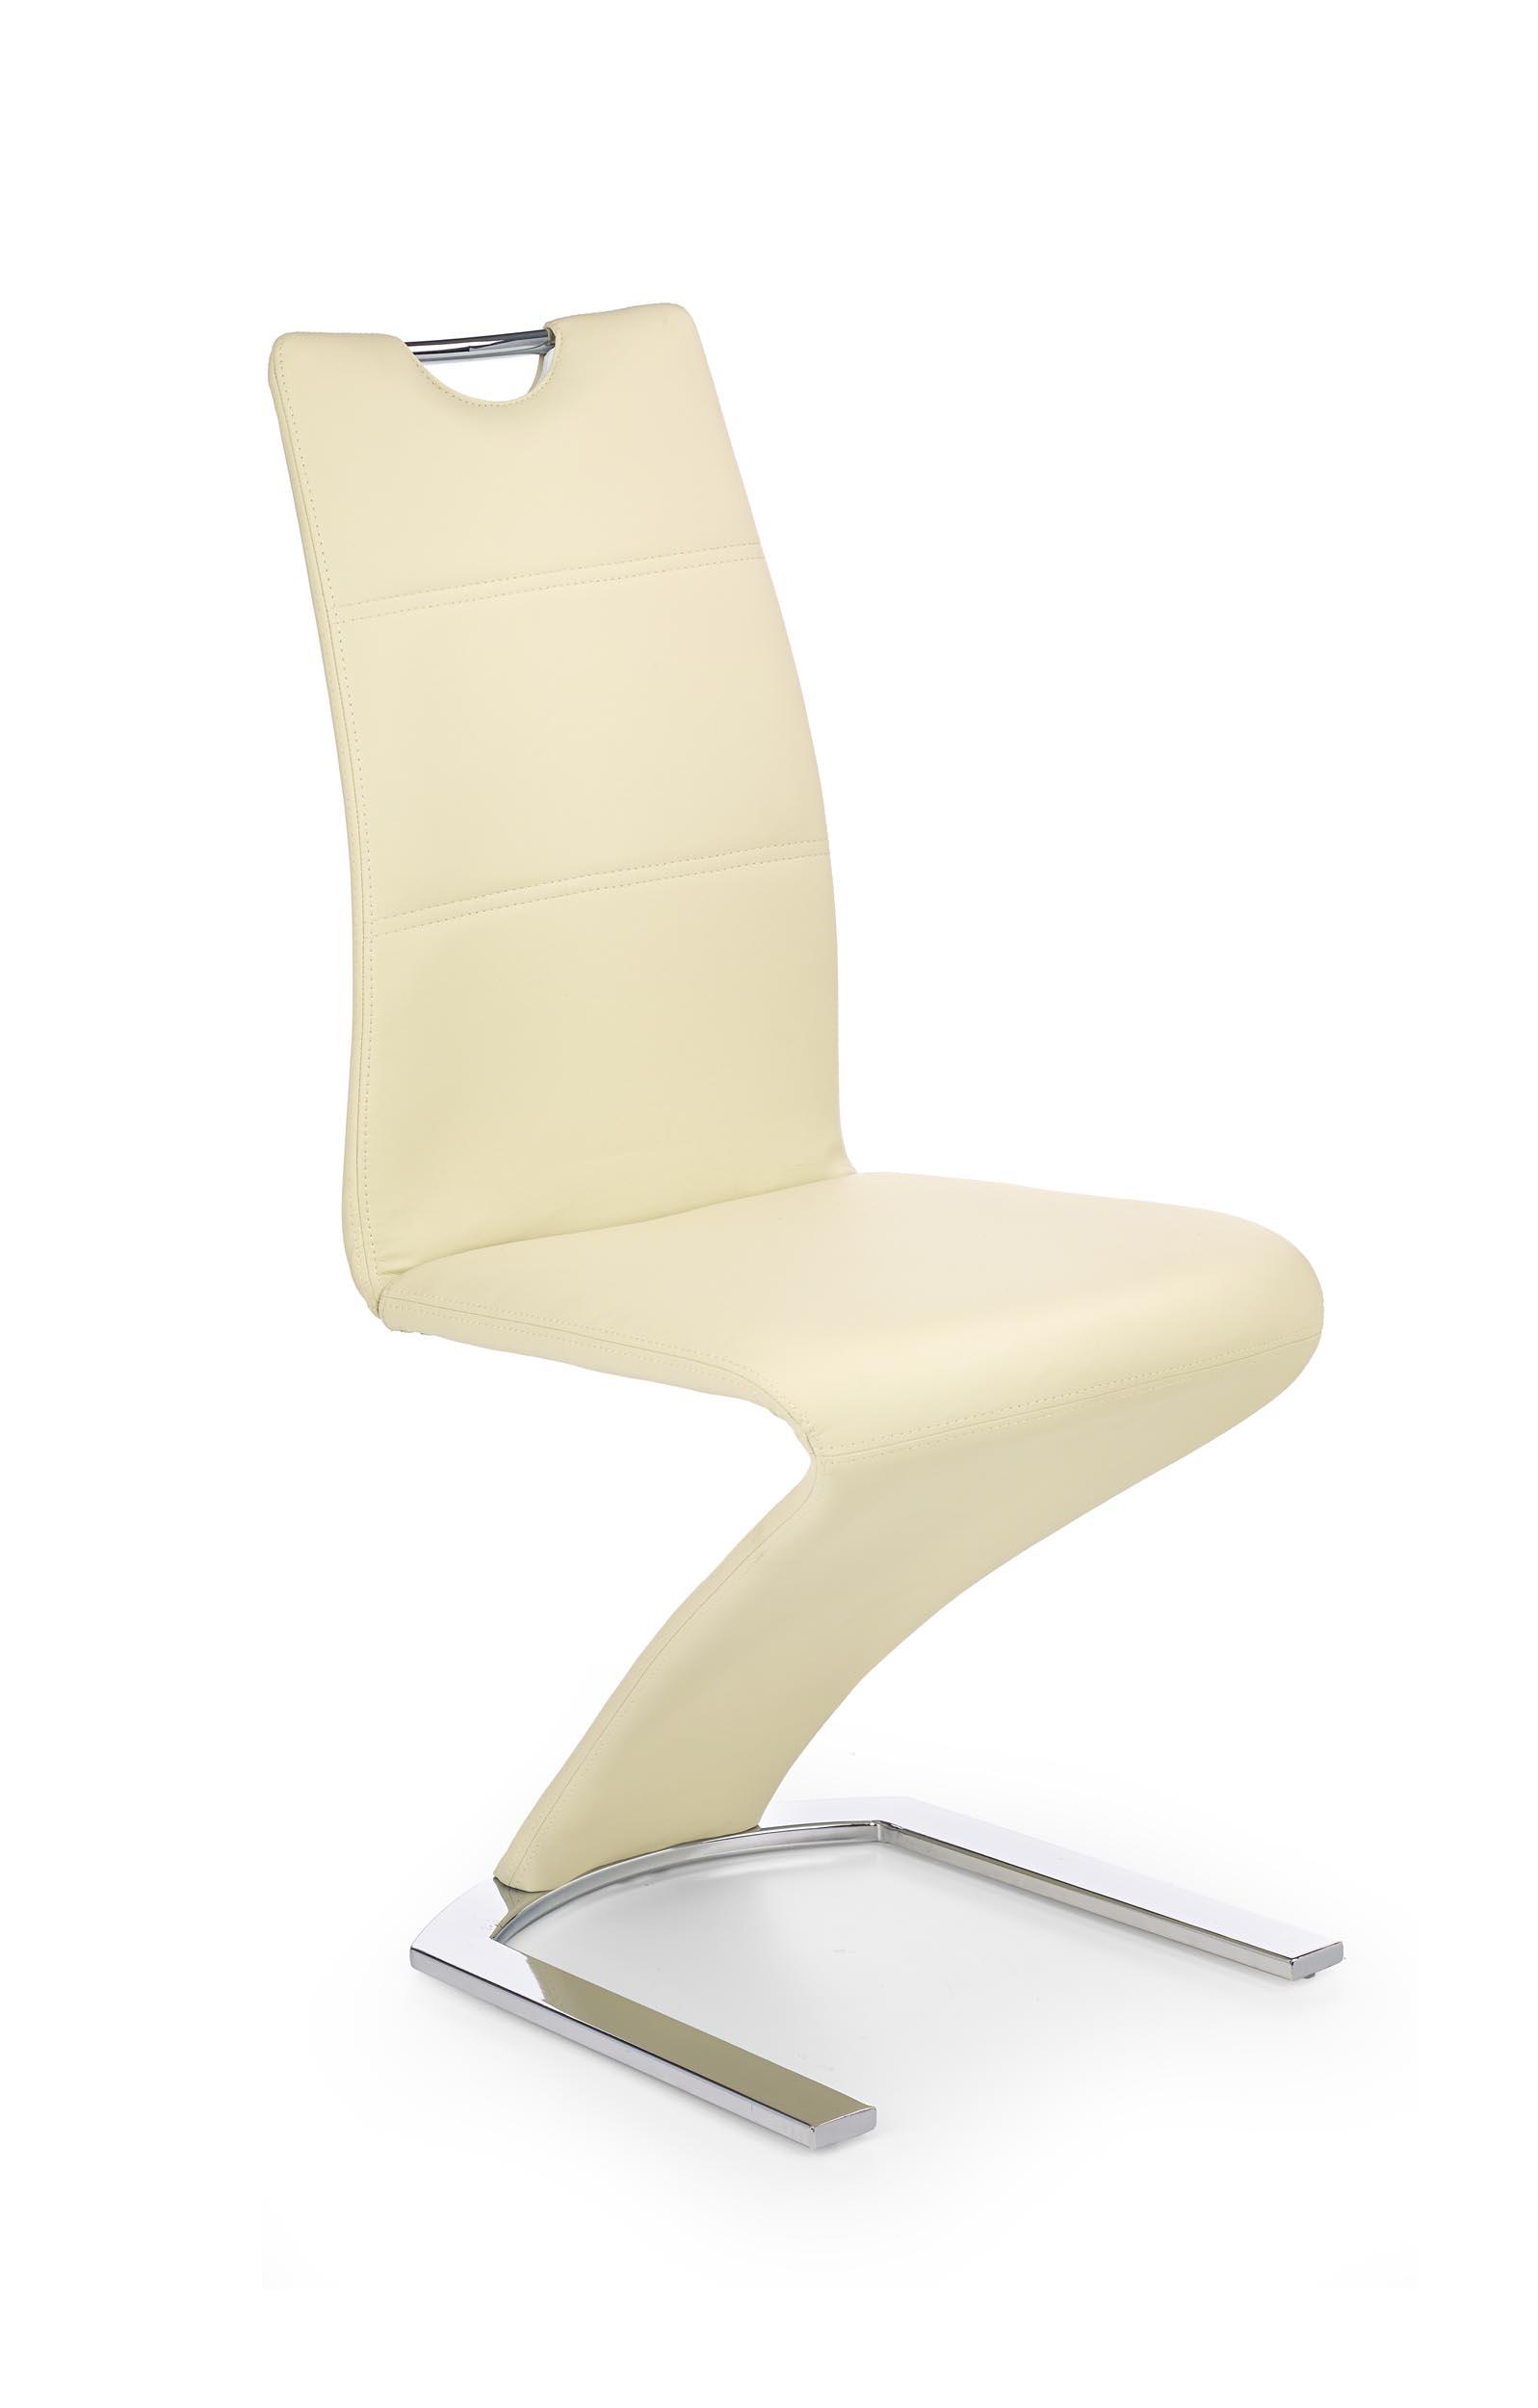 Scaun tapitat cu piele ecologica, cu picioare metalice K188 Vanilla, l45xA63xH101 cm imagine